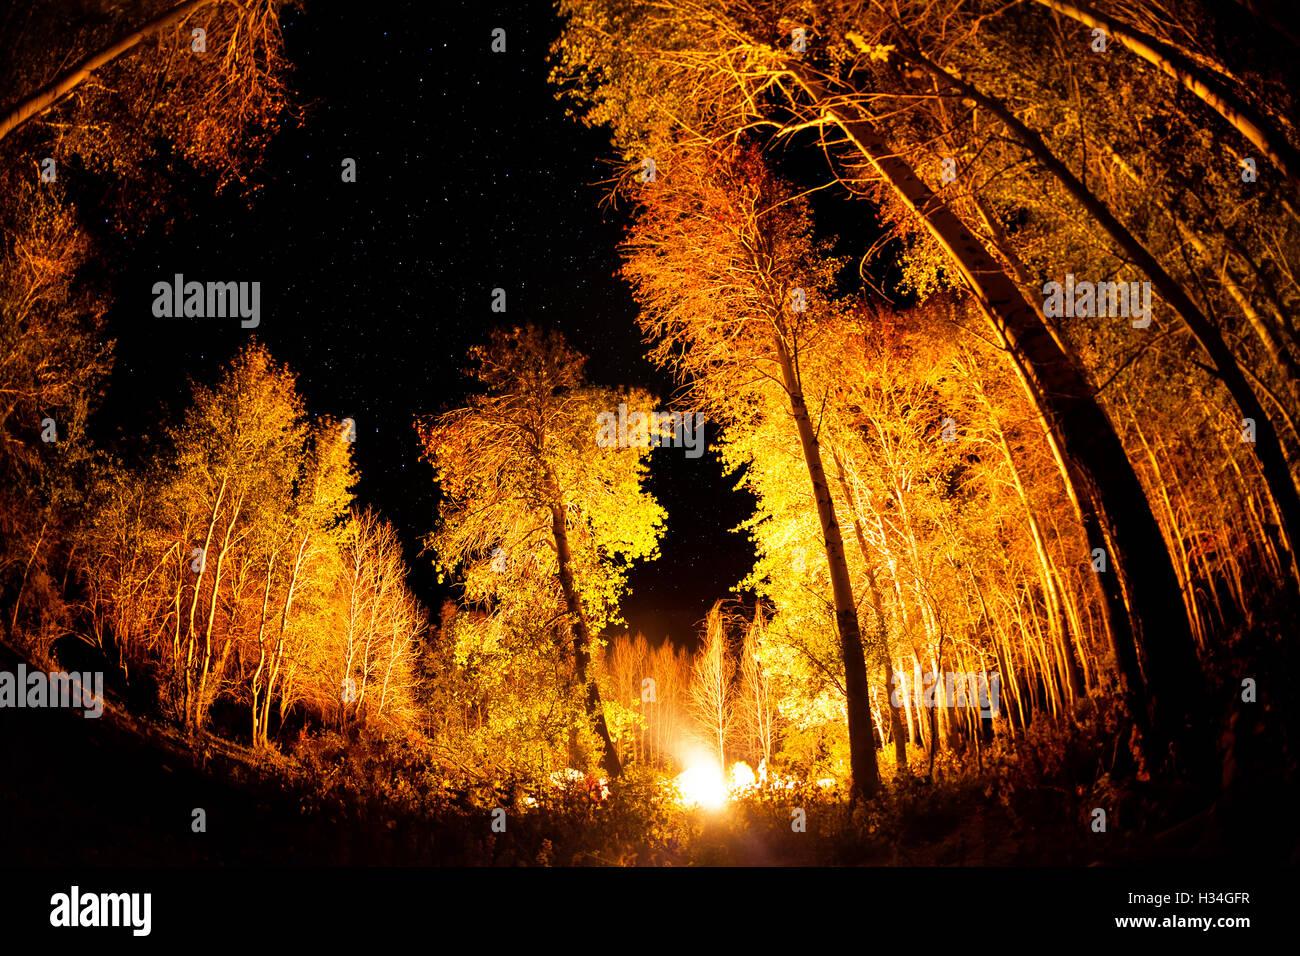 Campamento en el bosque con árboles grandes y fogata por la noche cielo estrellado. Imagen De Stock